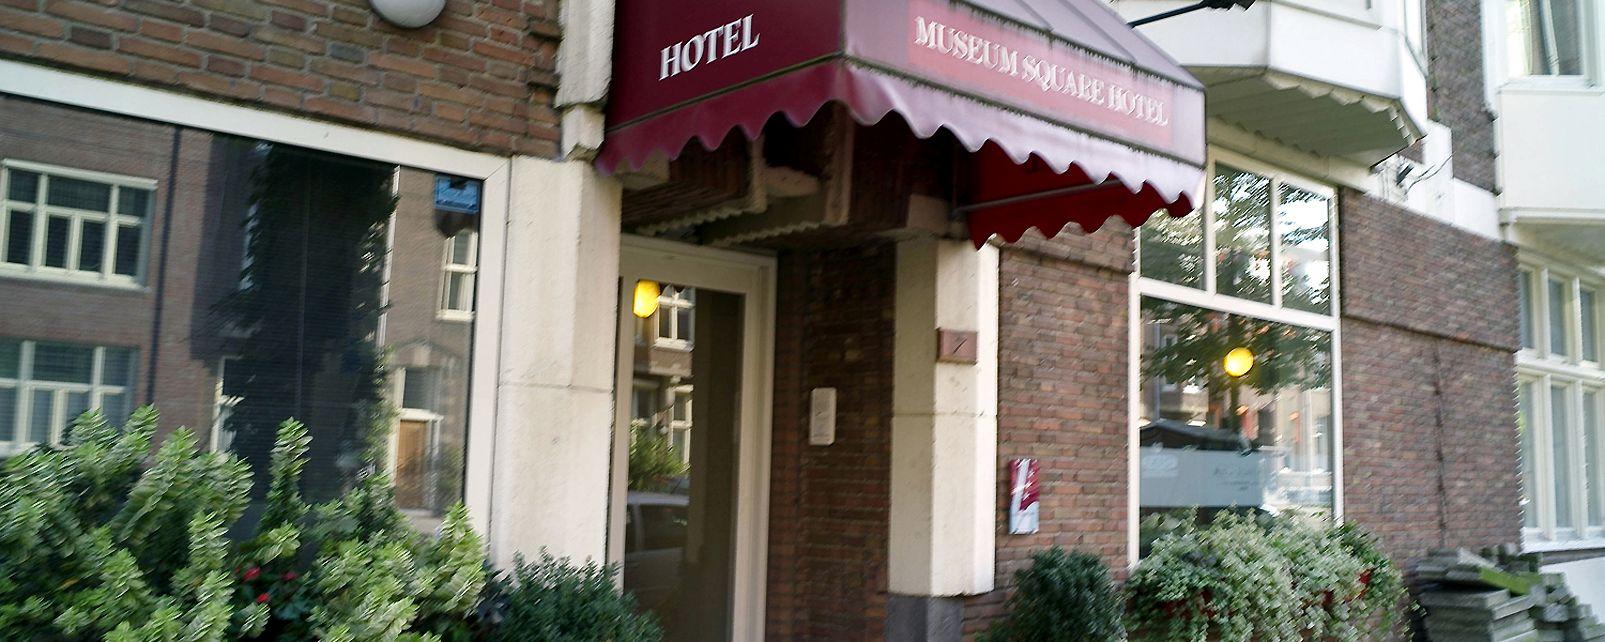 Hotel Conscious Hotel Museum Square